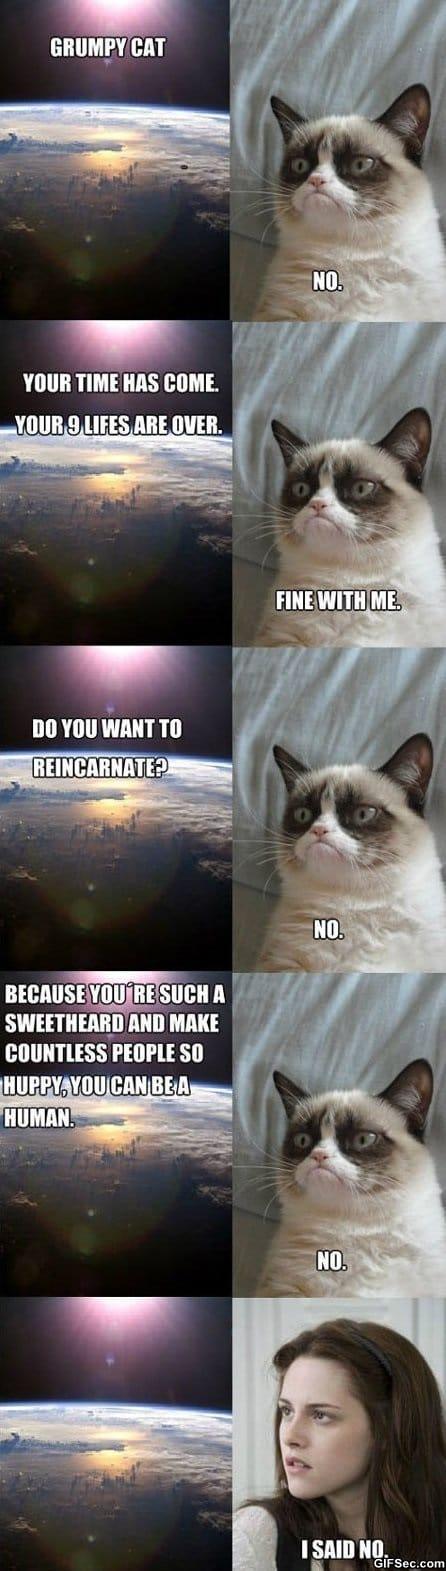 Memes grumpy cat